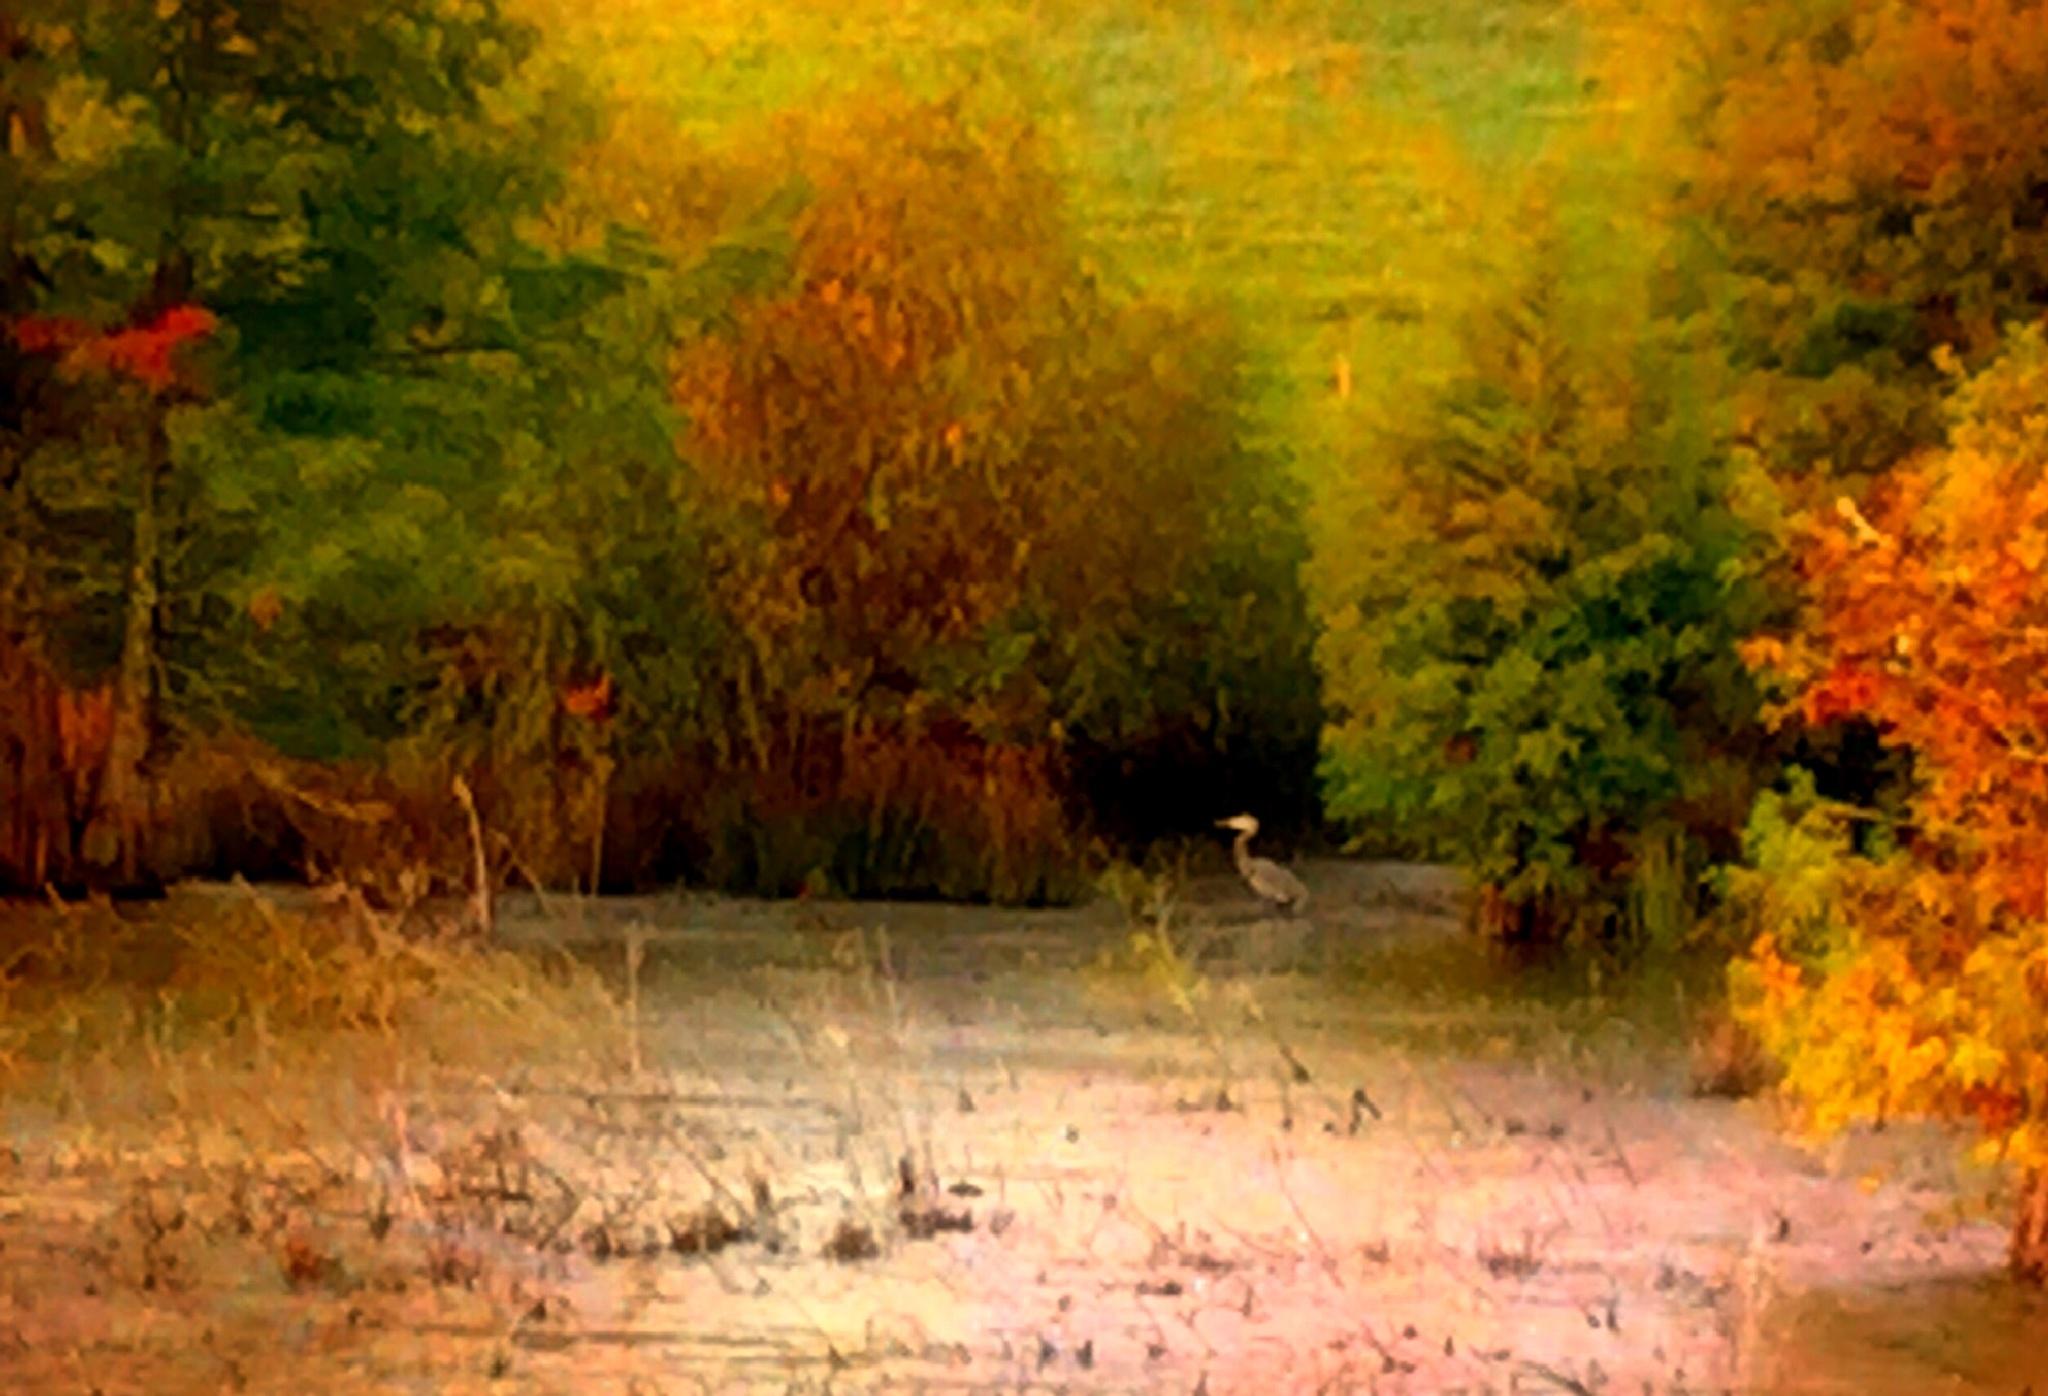 Cypress Swamp by ginger.barritt